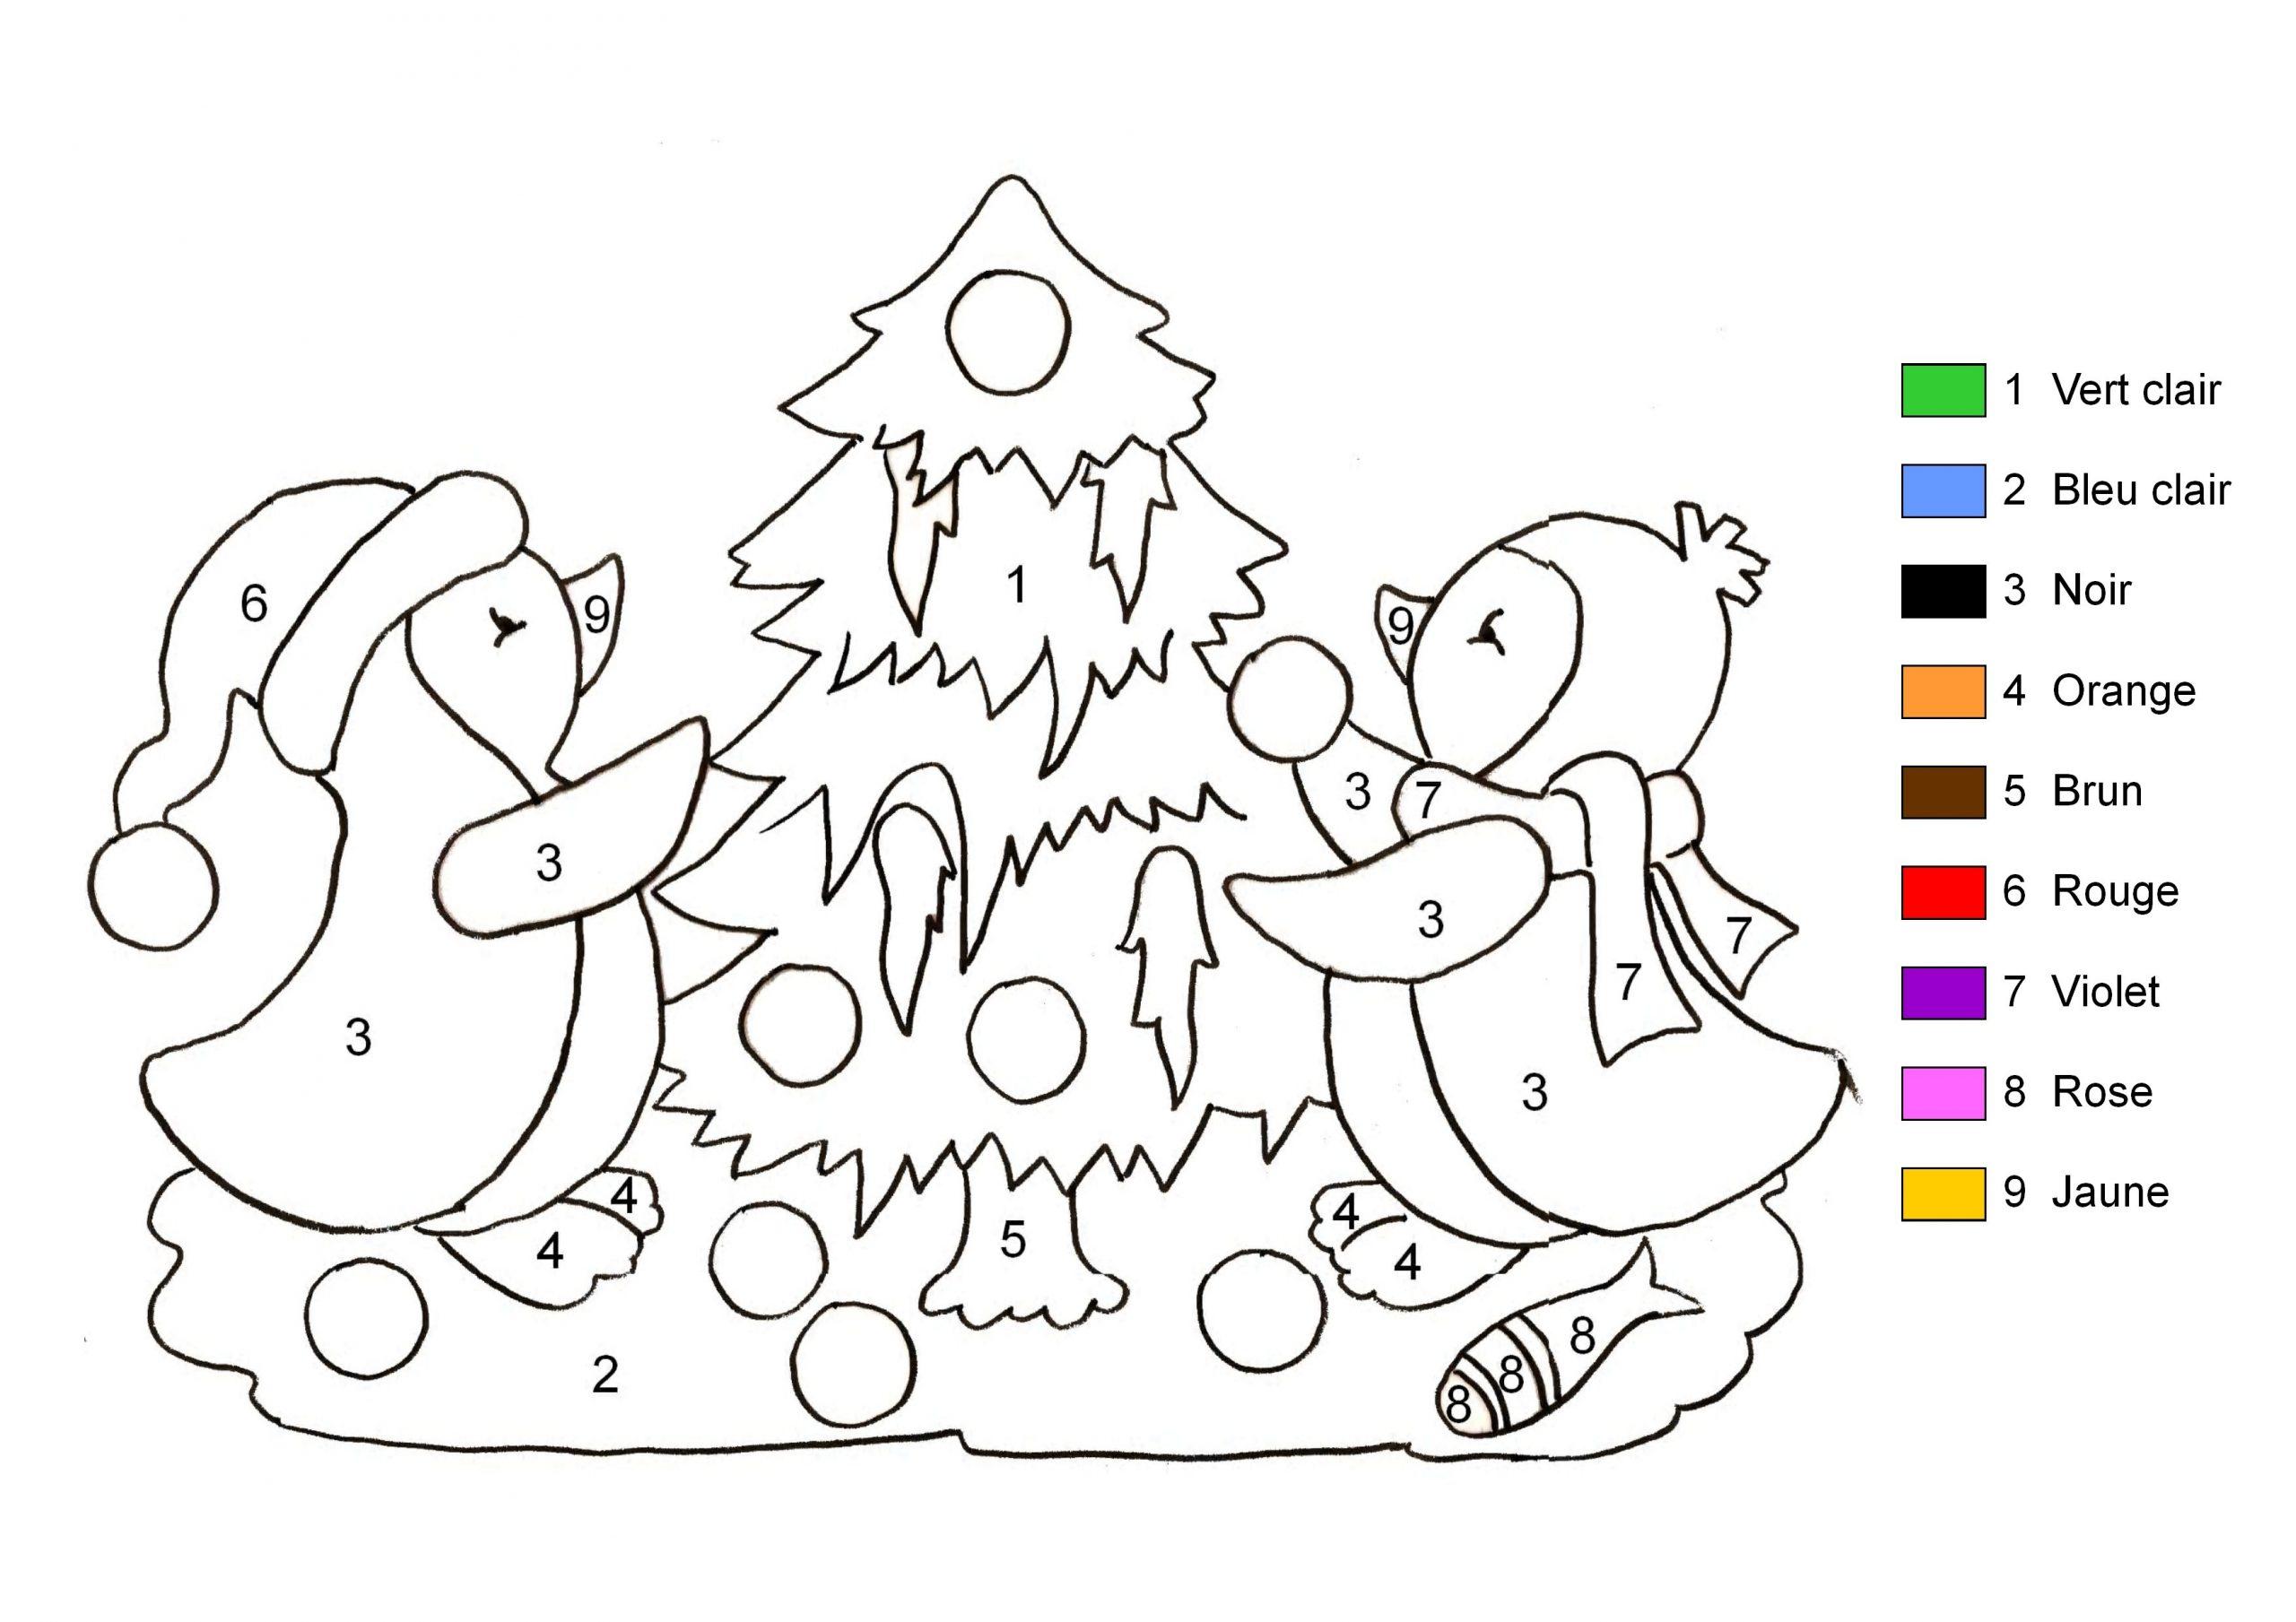 Coloriage Magique Sapin De Noël À Imprimer encequiconcerne Coloriage Magique Maternelle A Imprimer Gratuit